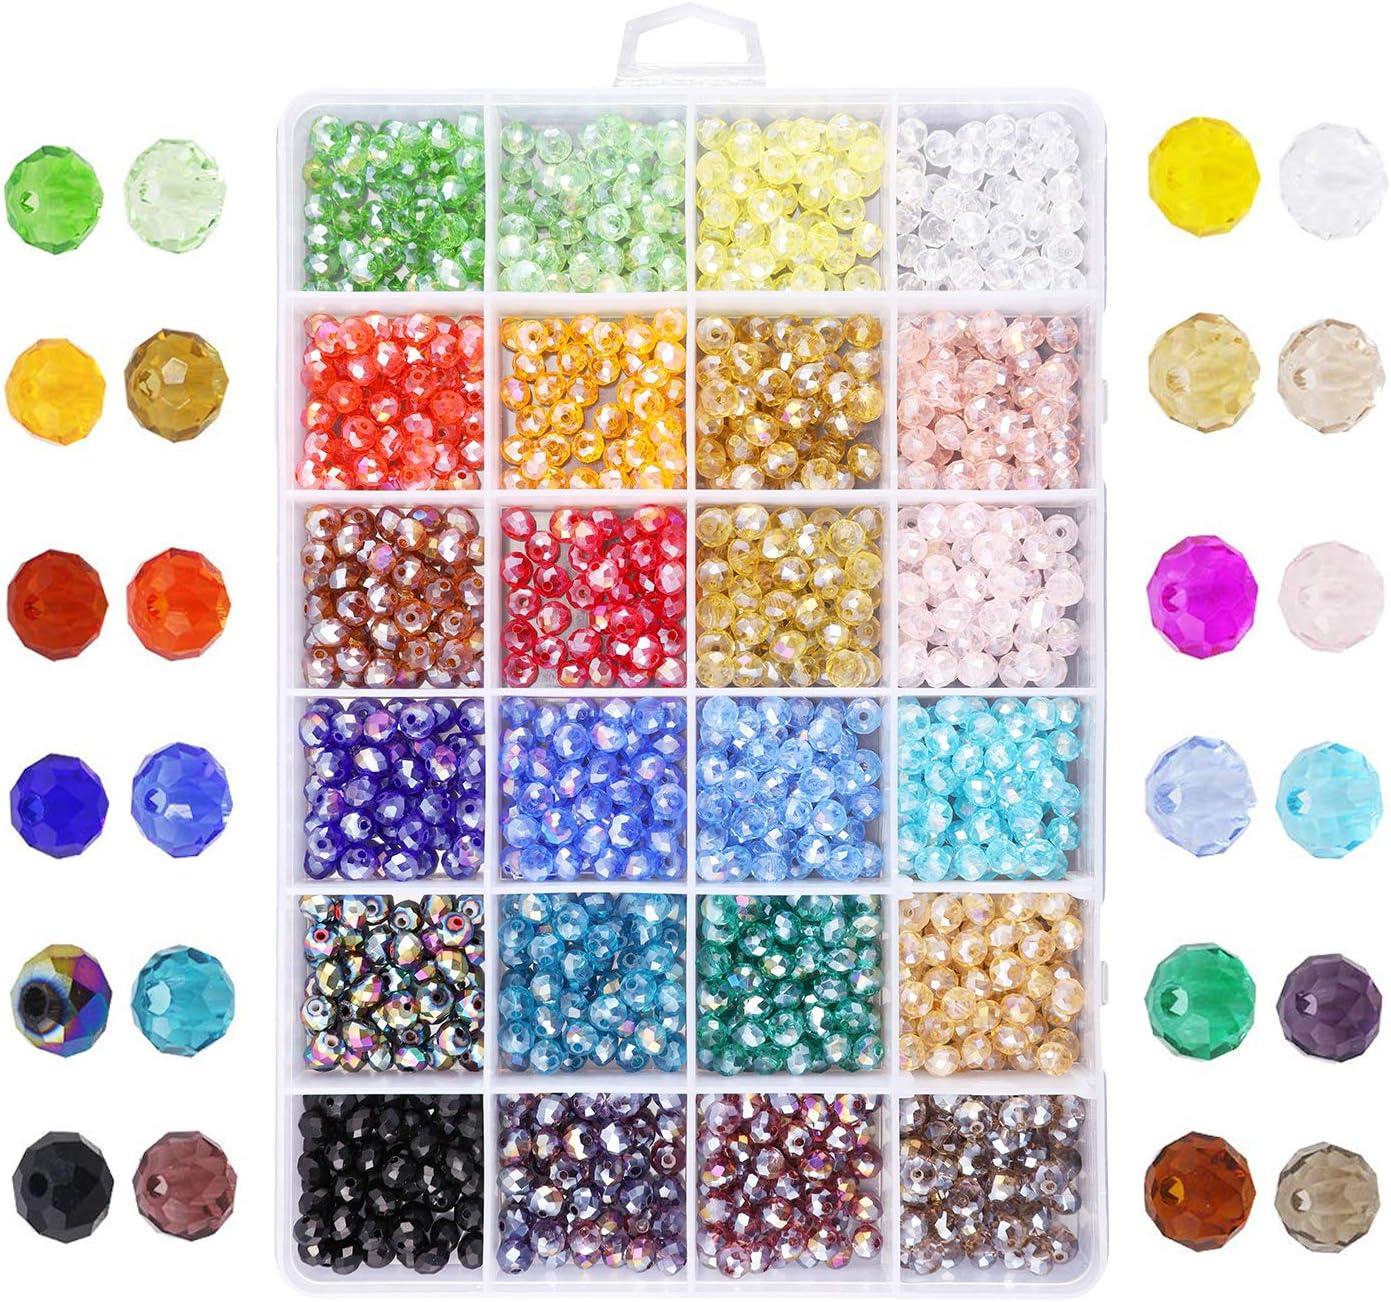 Cuentas de cristal circulares de 6 mm, espaciadores para pulseras y collares, joyería artesanal, manualidades (1200 unidades, 10 colores)